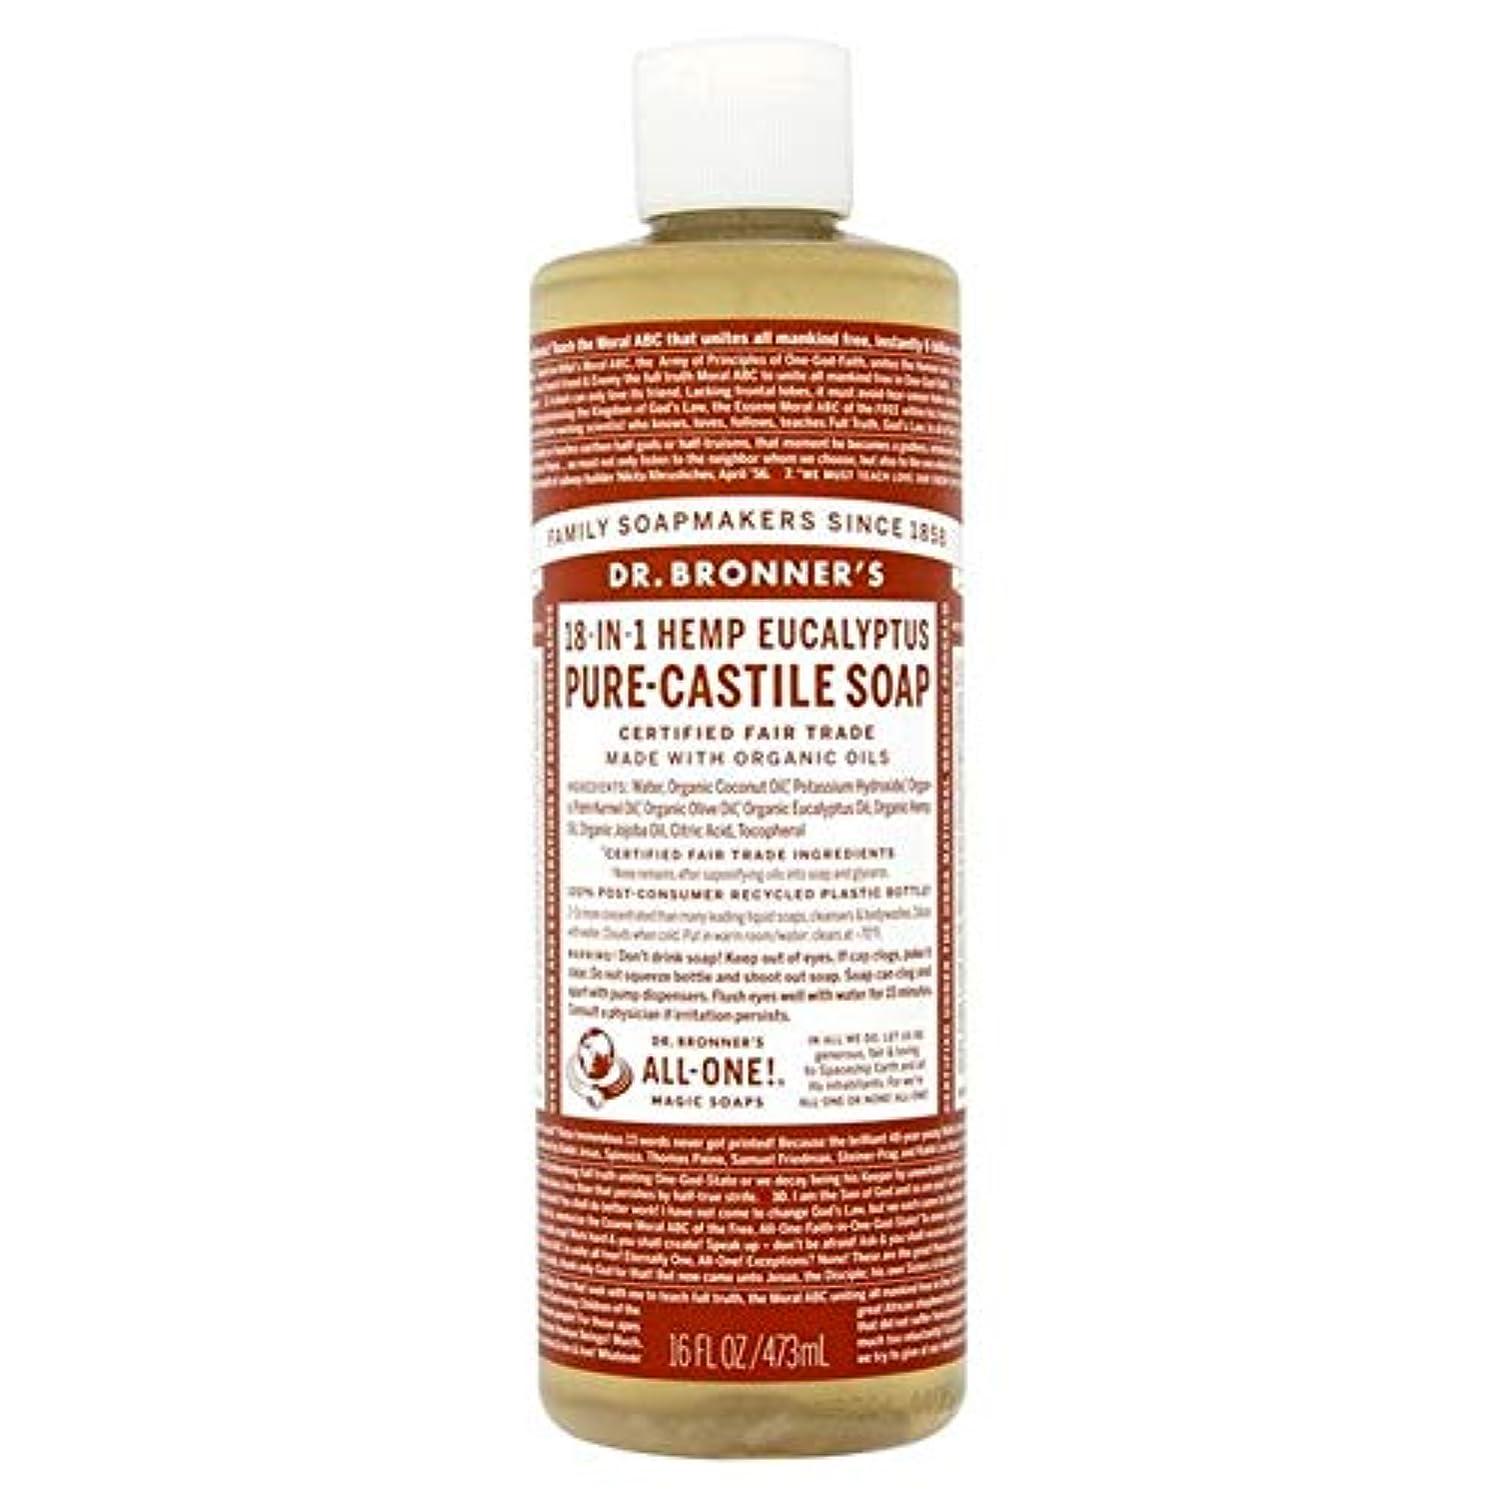 購入文化発明[Dr Bronner] Dr。ブロナーズ有機ユーカリの純粋な-カスティーリャ液体石鹸473ミリリットル - Dr. Bronner's Organic Eucalyptus Pure-Castille Liquid Soap...